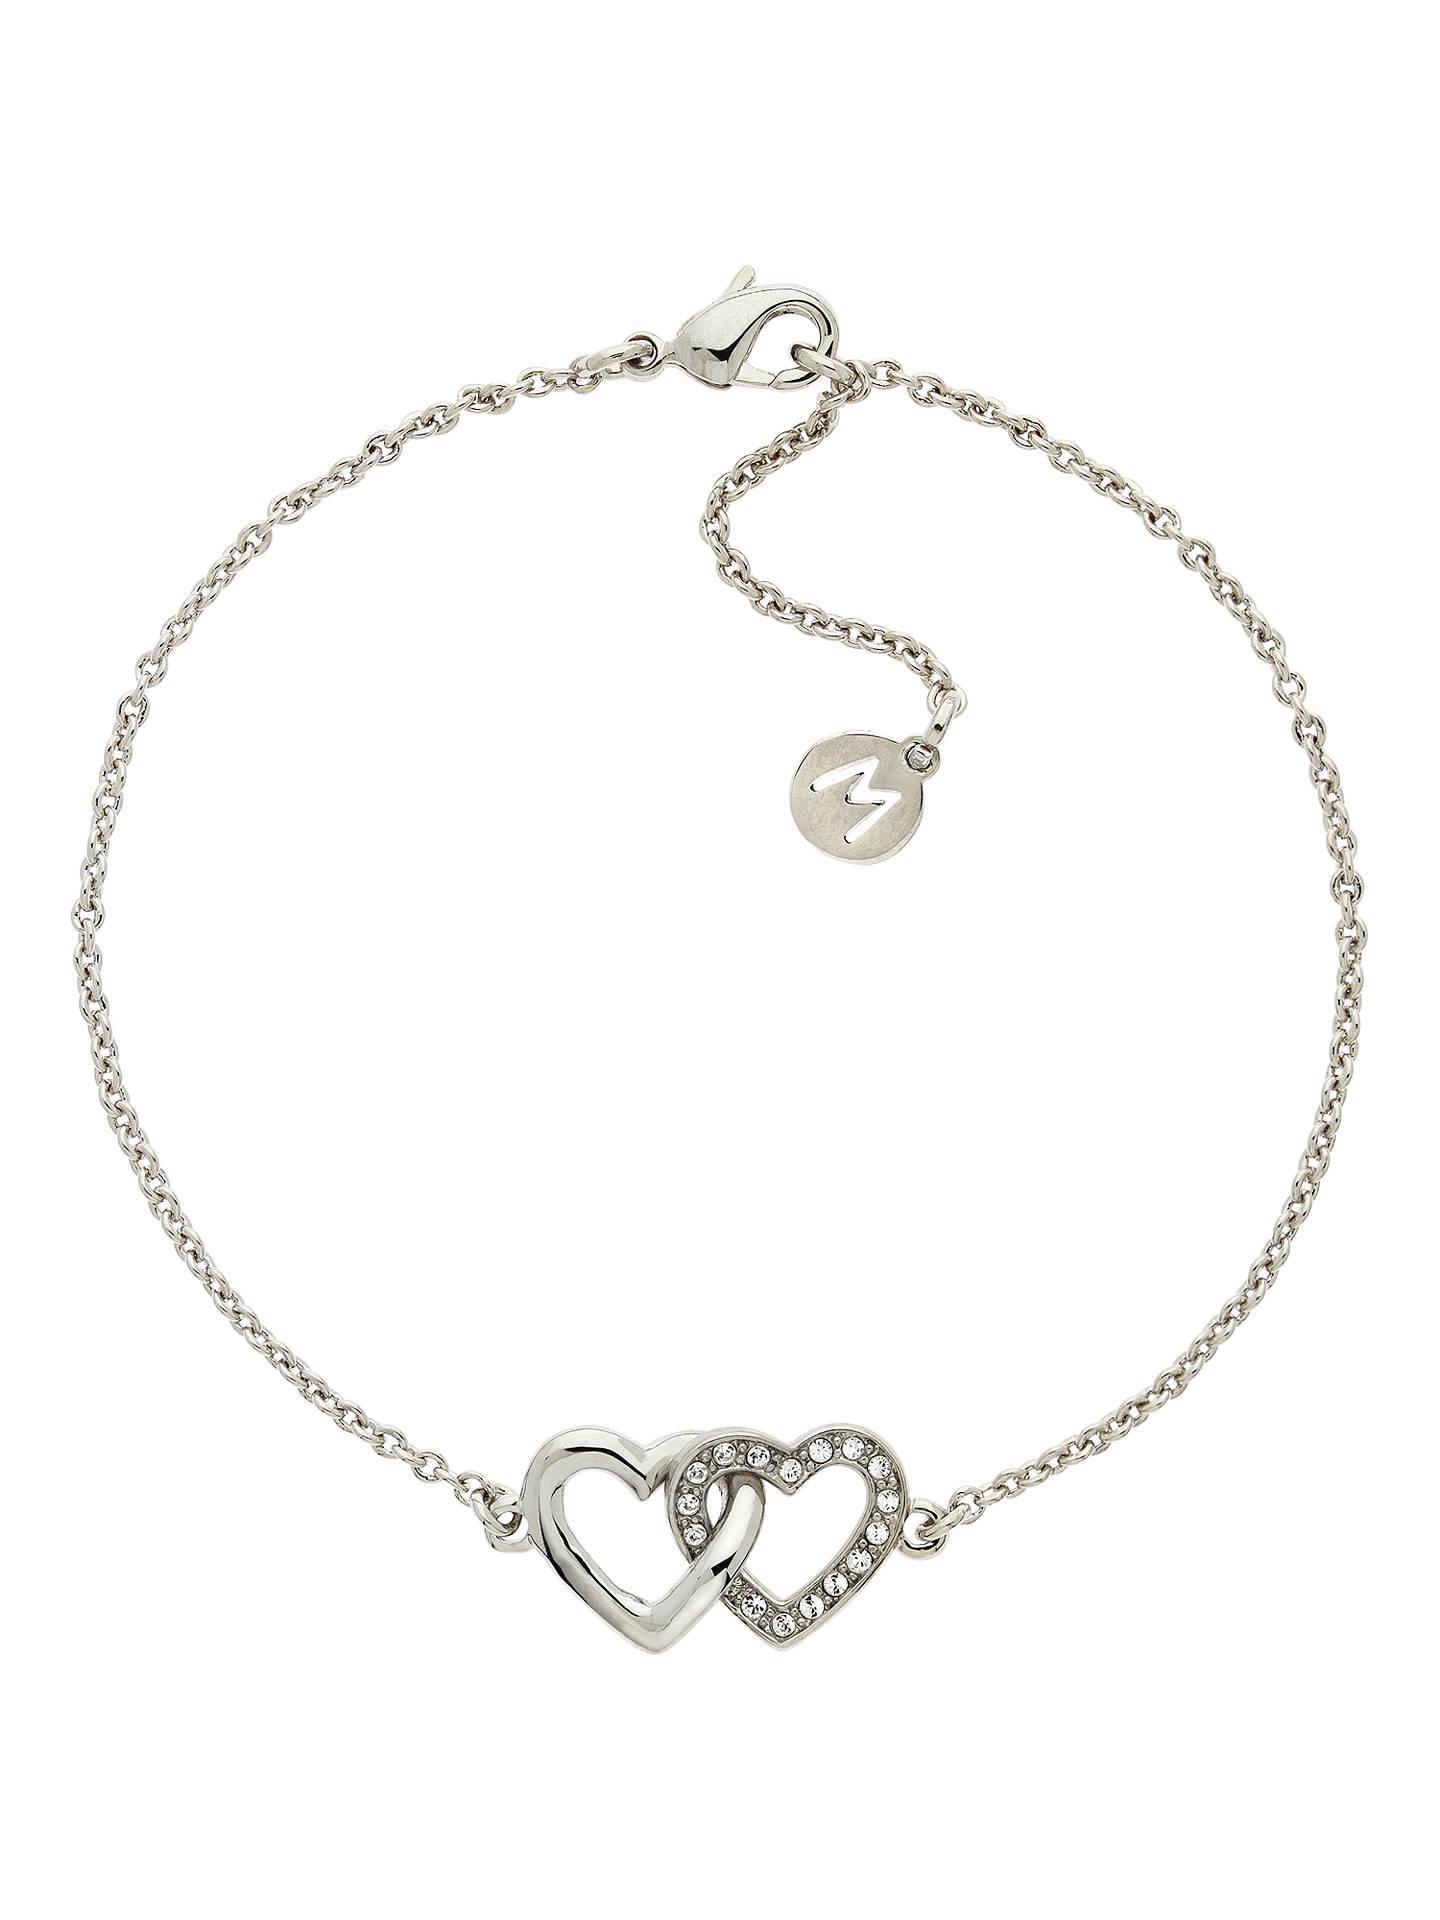 Melissa Odabash Swarovski Crystal Double Heart Bracelet Silver Online At Johnlewis